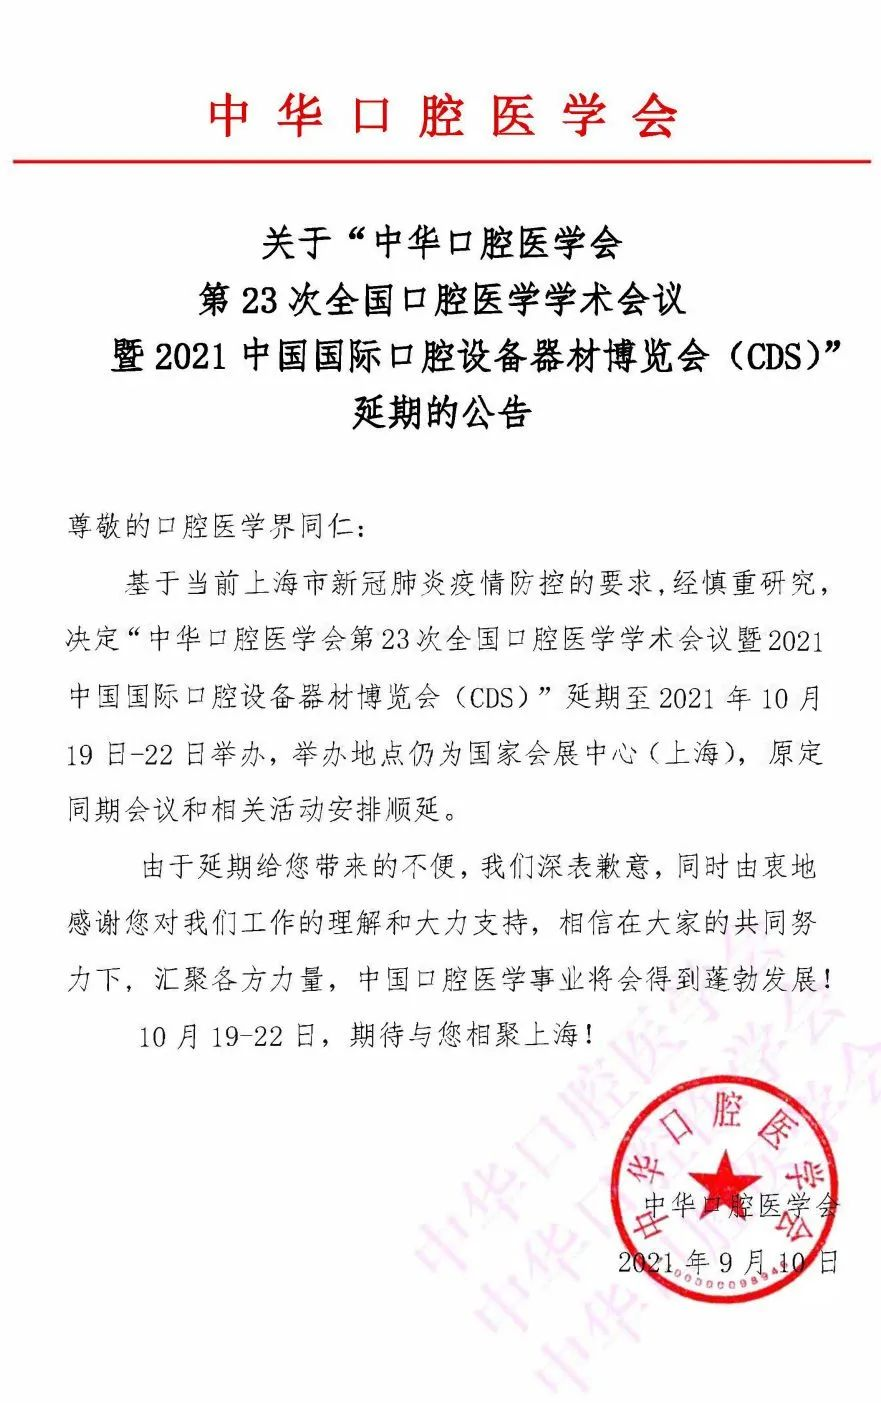 中华口腔医学会周报2021年第31期